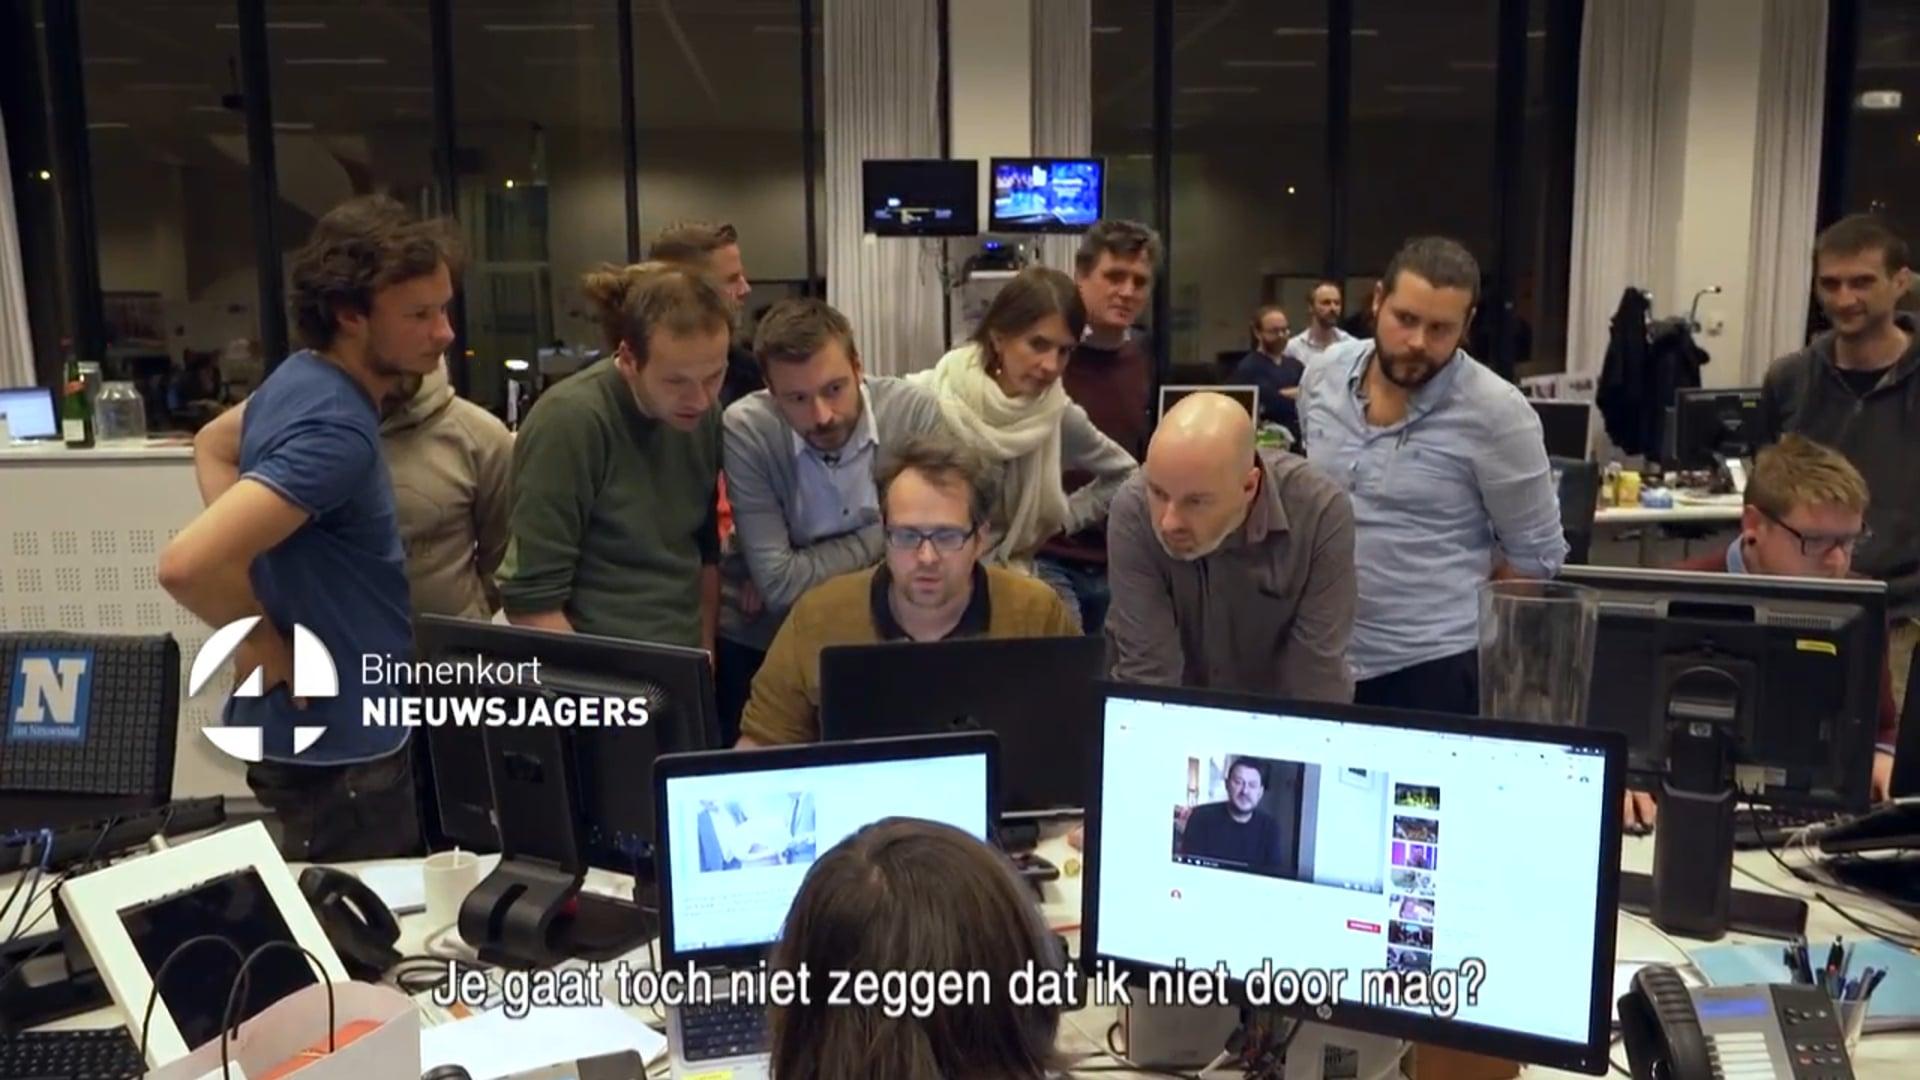 Nieuwsjagers launch trailer